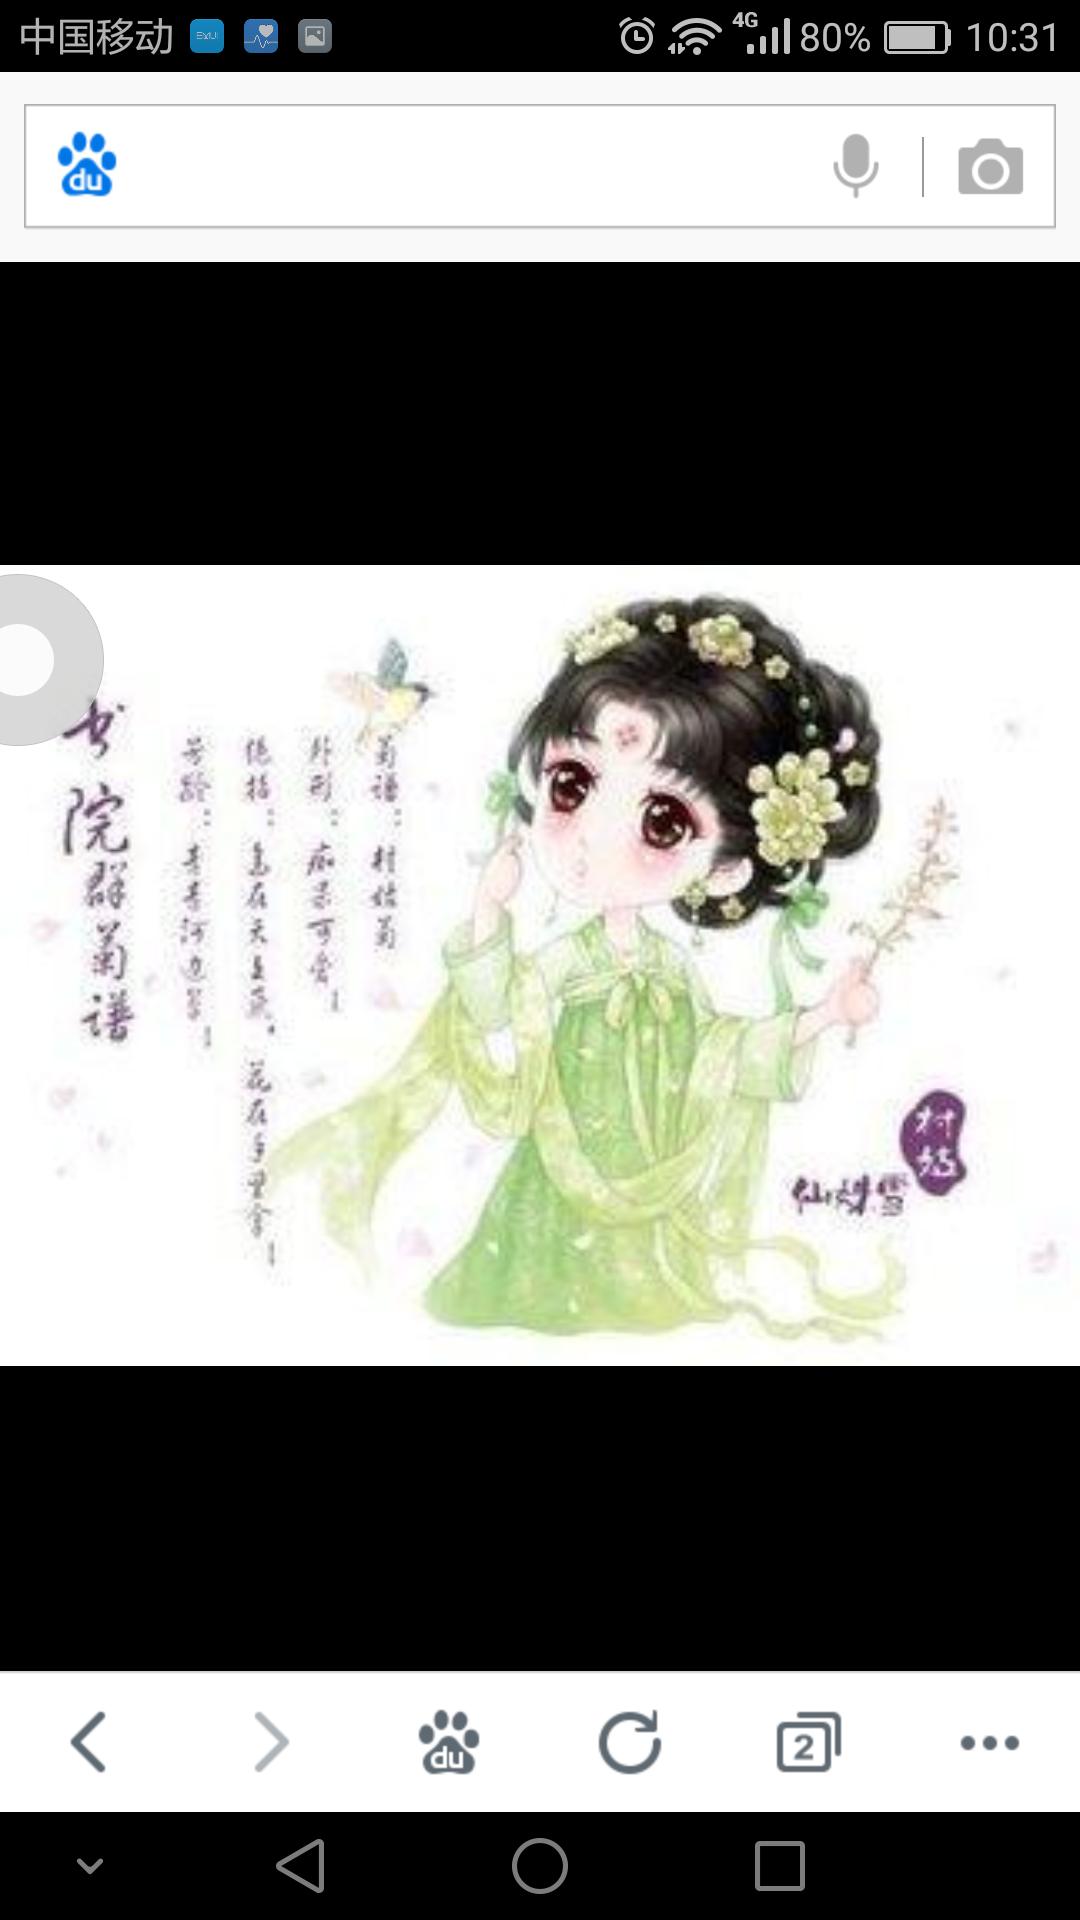 琵琶行 琵琶版(cover 奇然 / 沈谧仁)